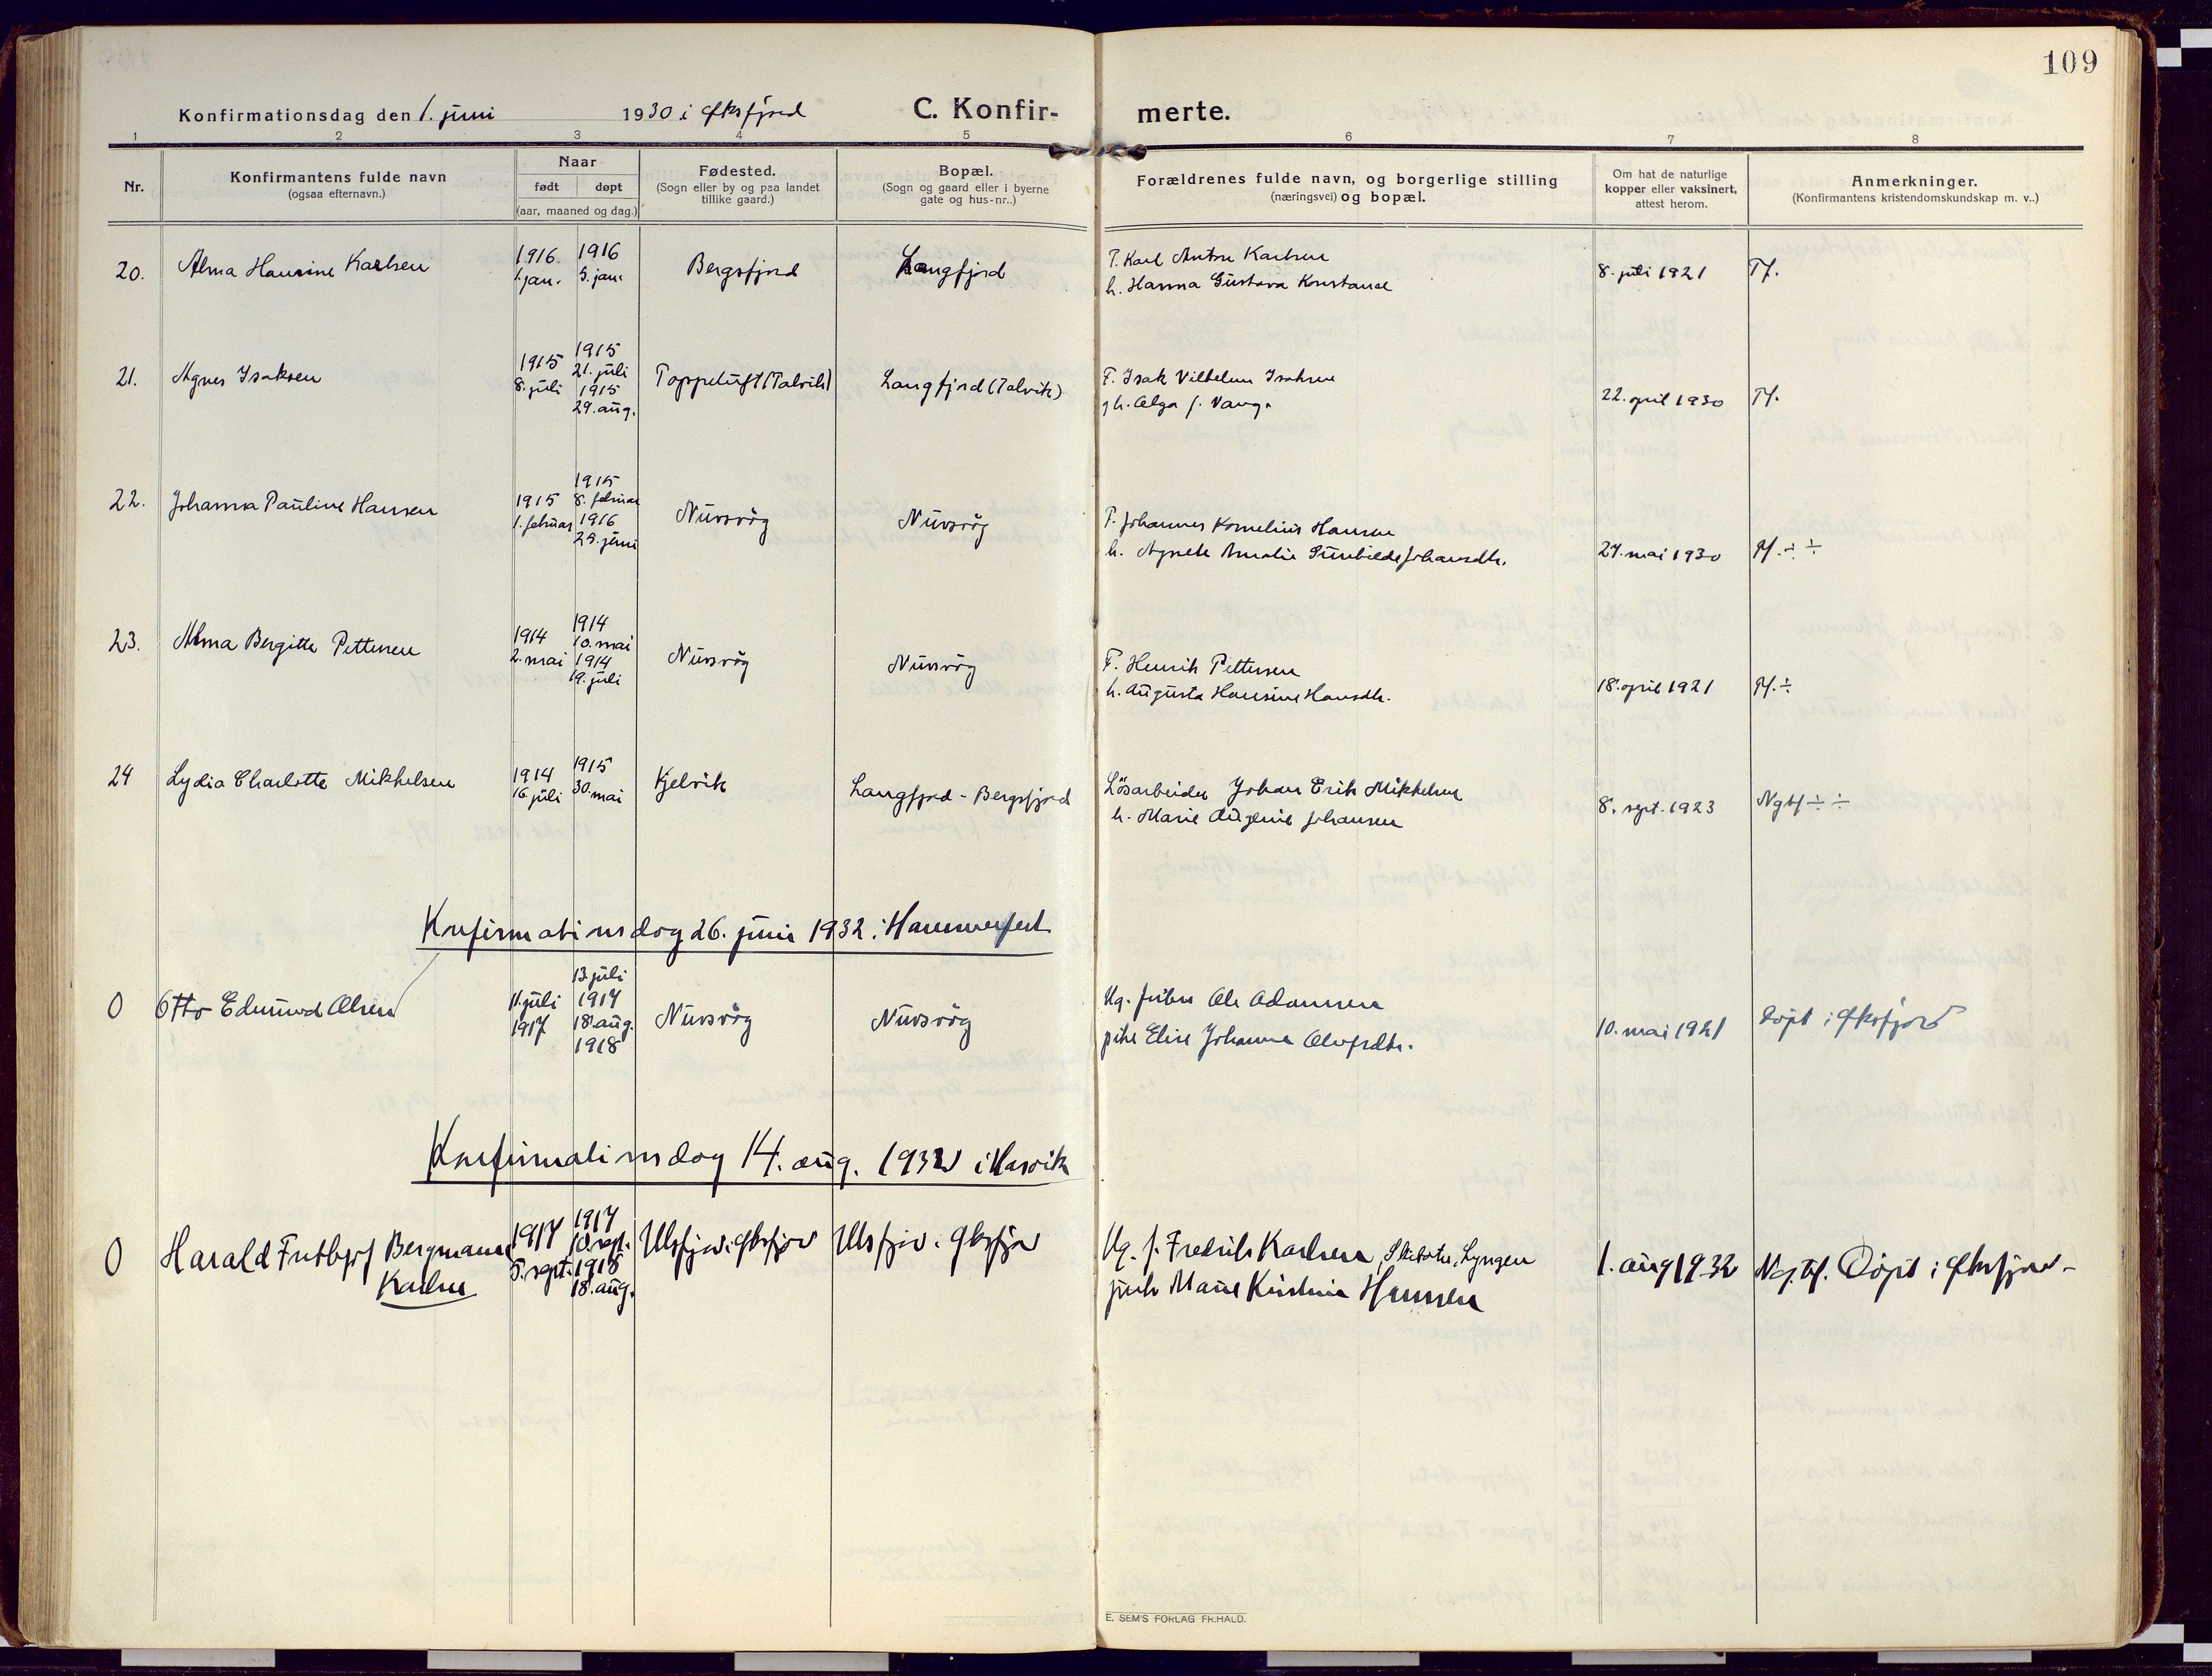 SATØ, Loppa sokneprestkontor, H/Ha/L0012kirke: Ministerialbok nr. 12, 1917-1932, s. 109